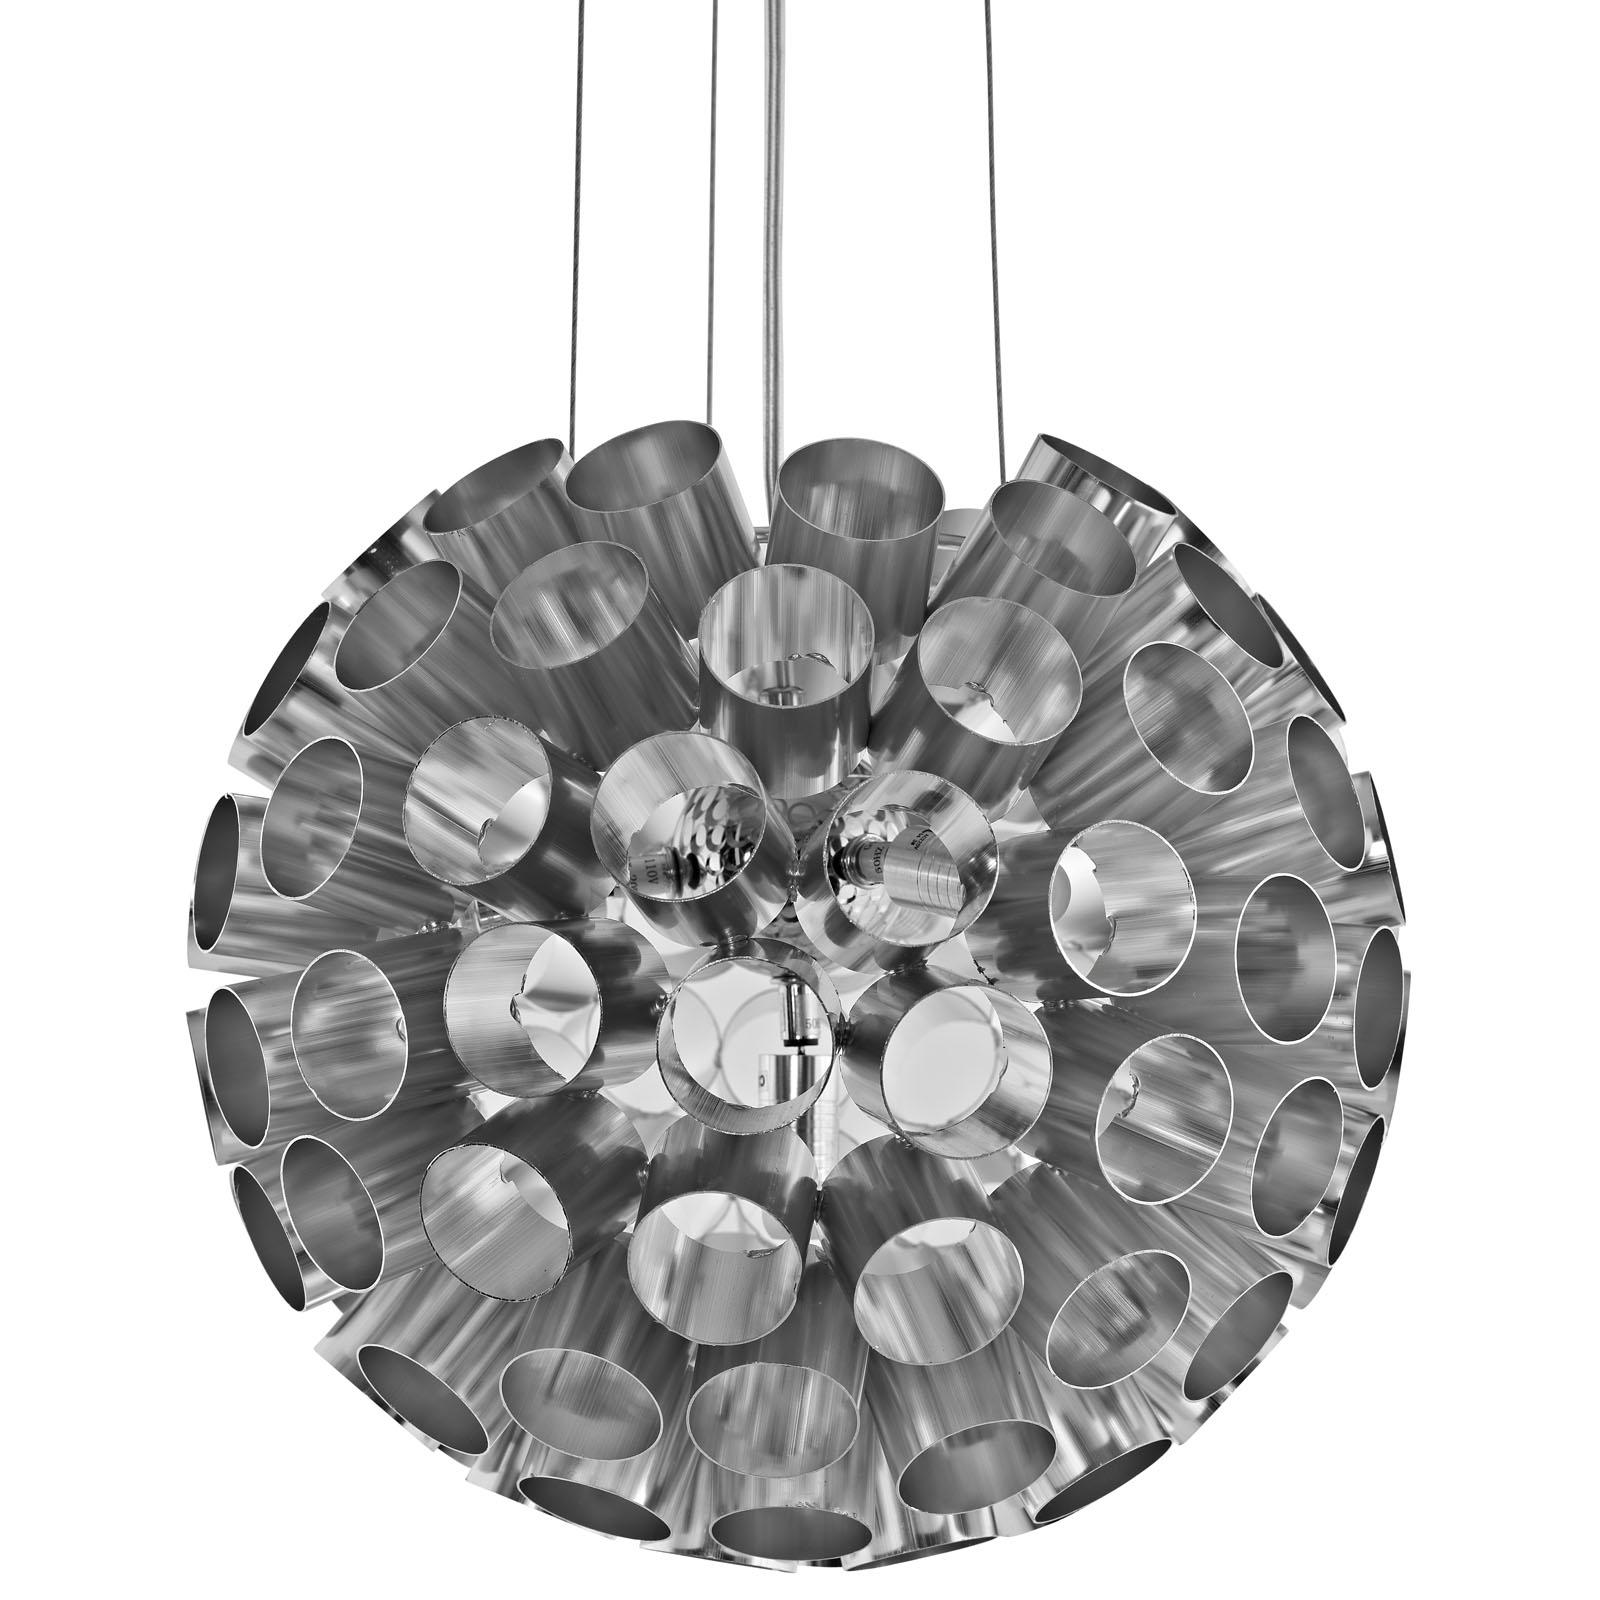 Pierce Aluminum Chandelier Silver EEI-1239-SLV